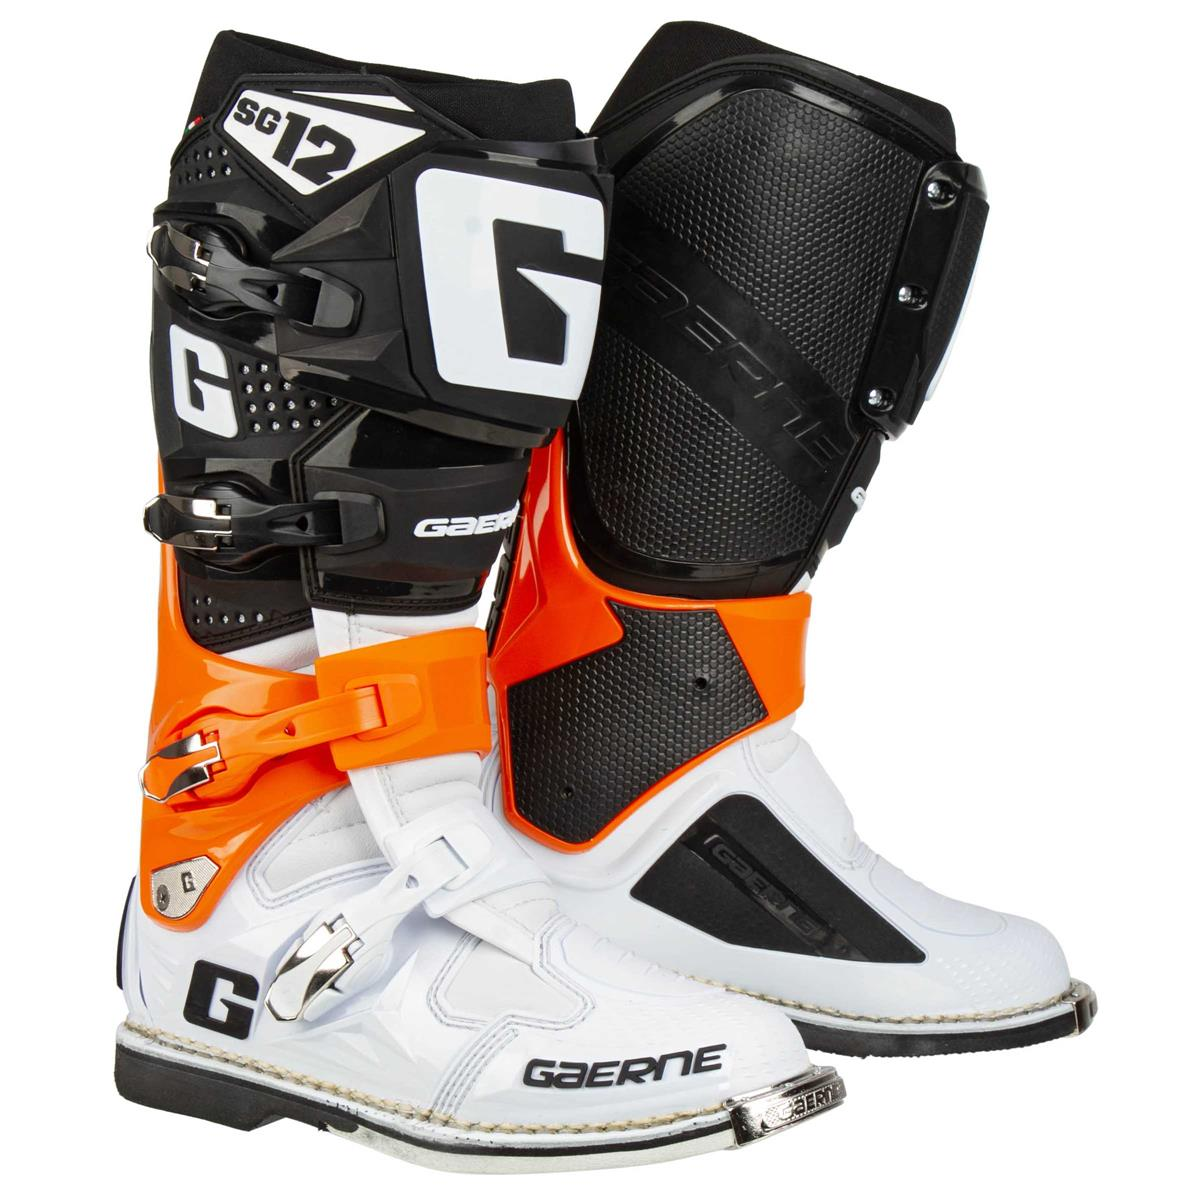 Gaerne Motocross-Stiefel SG 12 Orange/Schwarz/Weiß